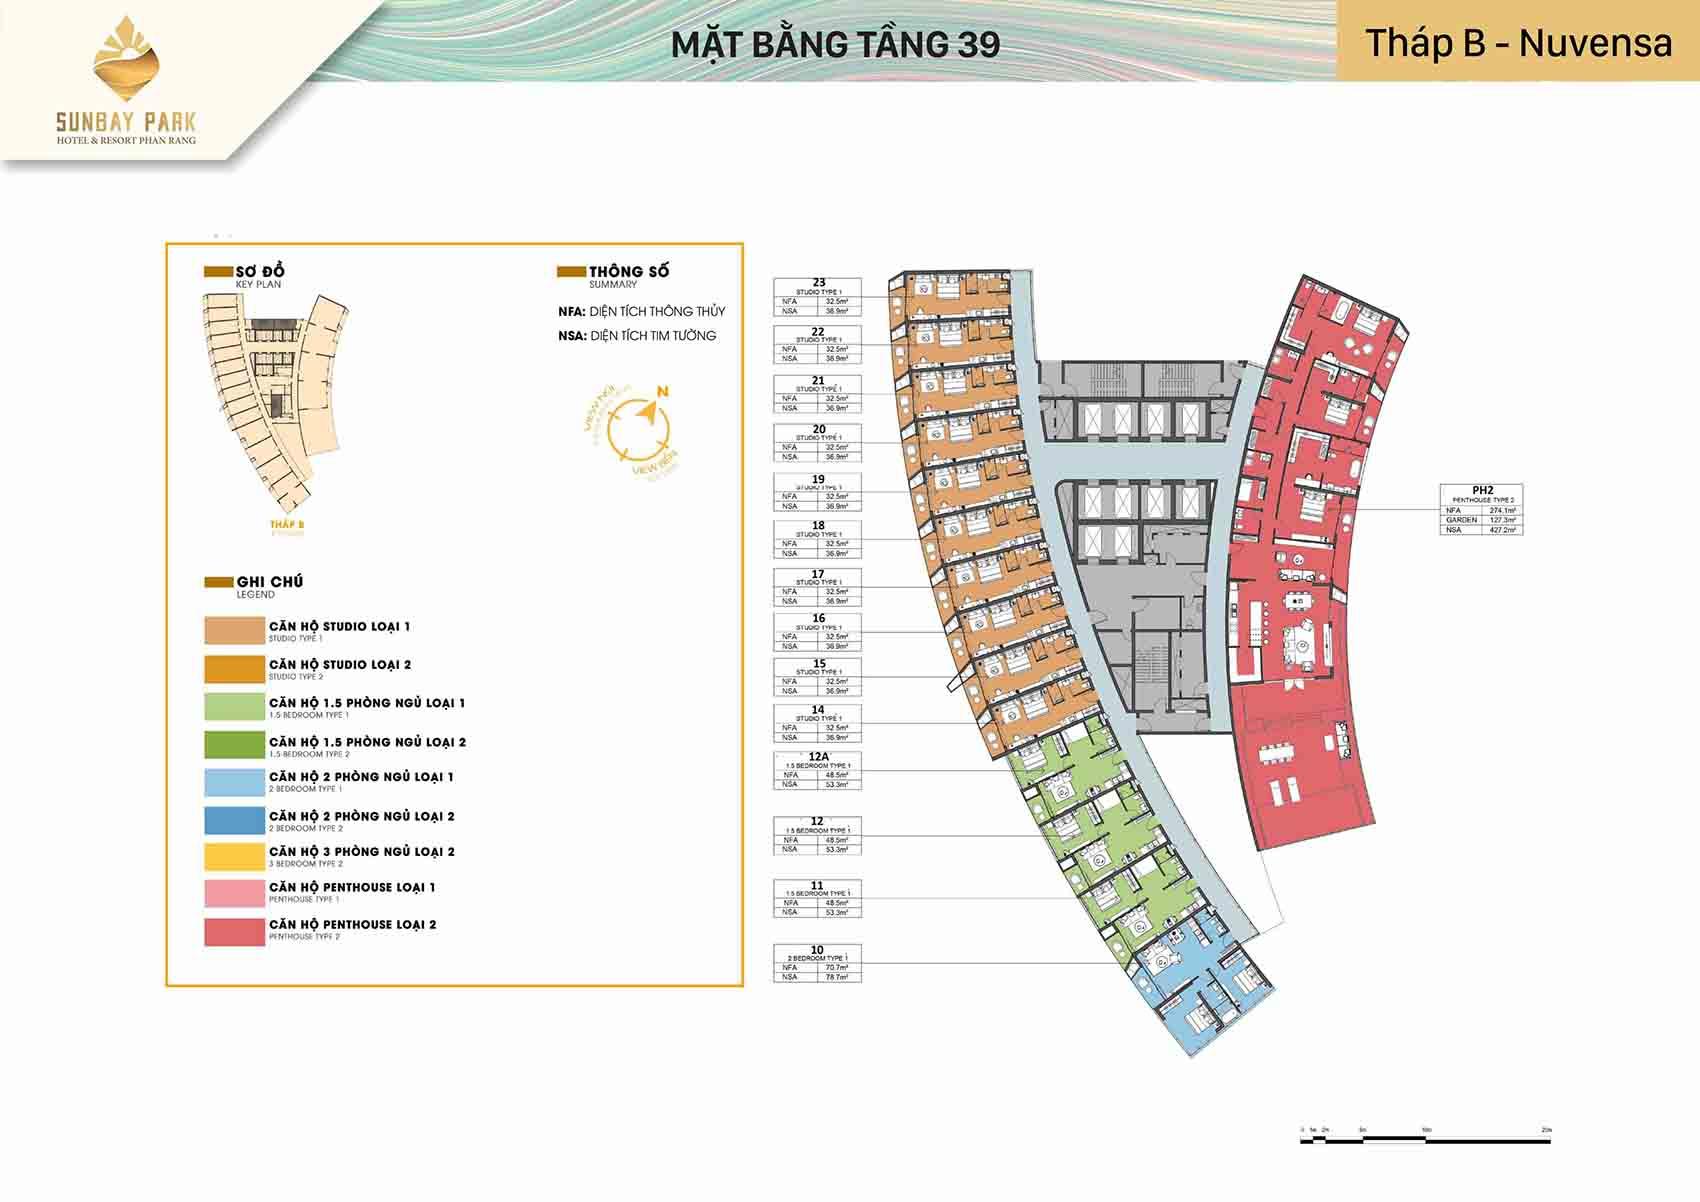 Mặt bằng thiết kế tòa B Nuvensa tầng 39 dự án Sunbay Park Phan Rang Ninh Thuận